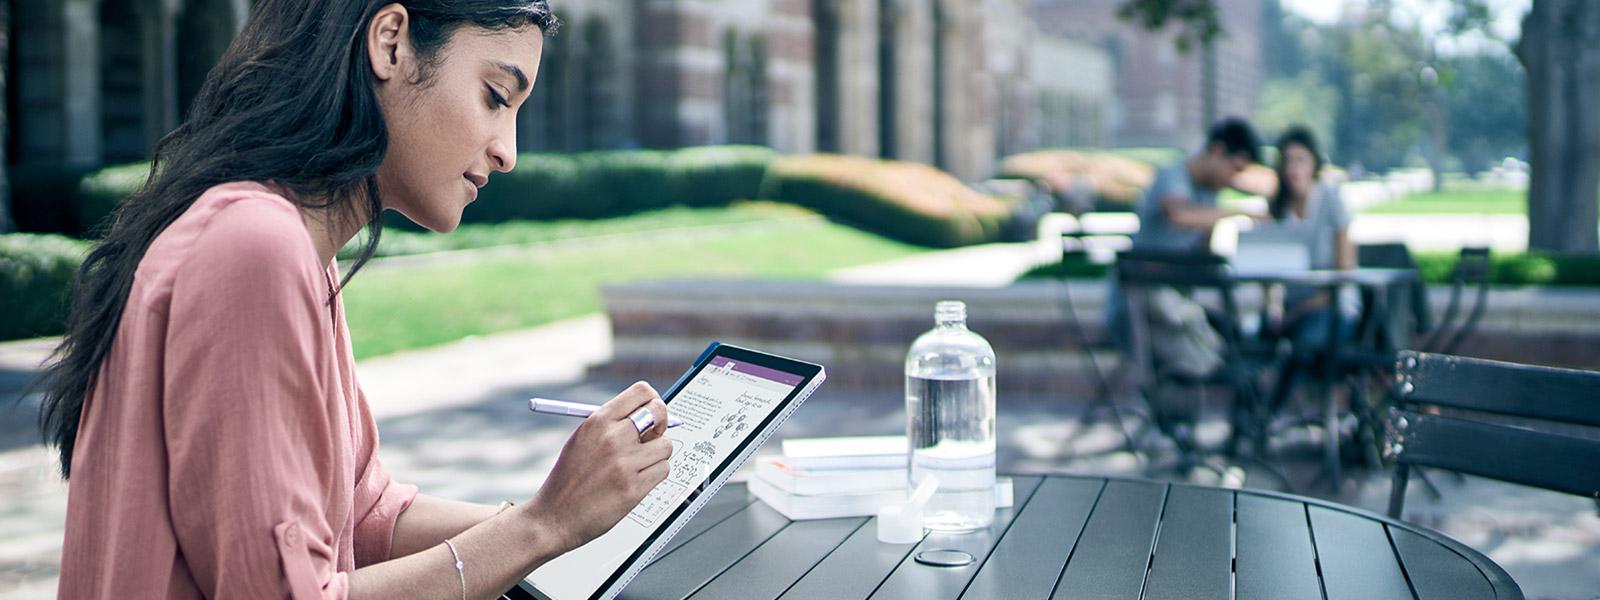 女人坐在戶外,以平板電腦模式使用 Surface Pro 4 的觸控螢幕。